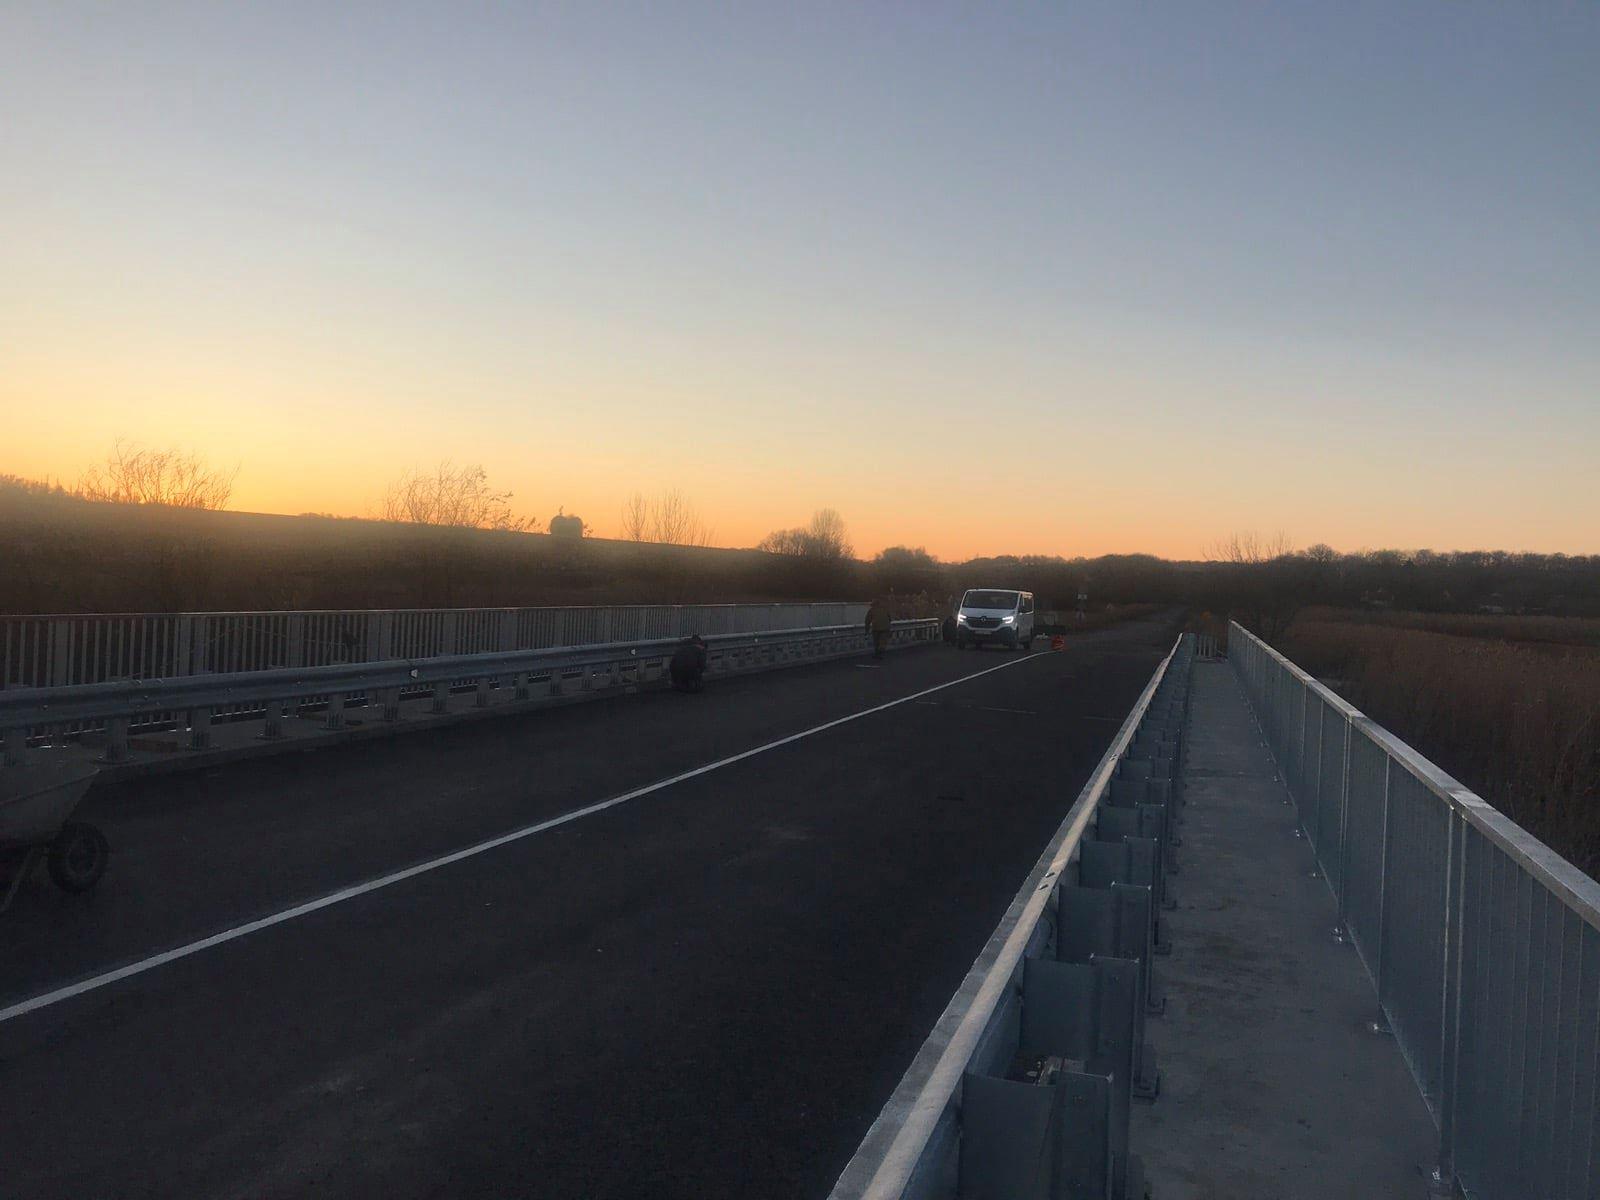 На Харьковщине отремонтировали еще один мост (фото)